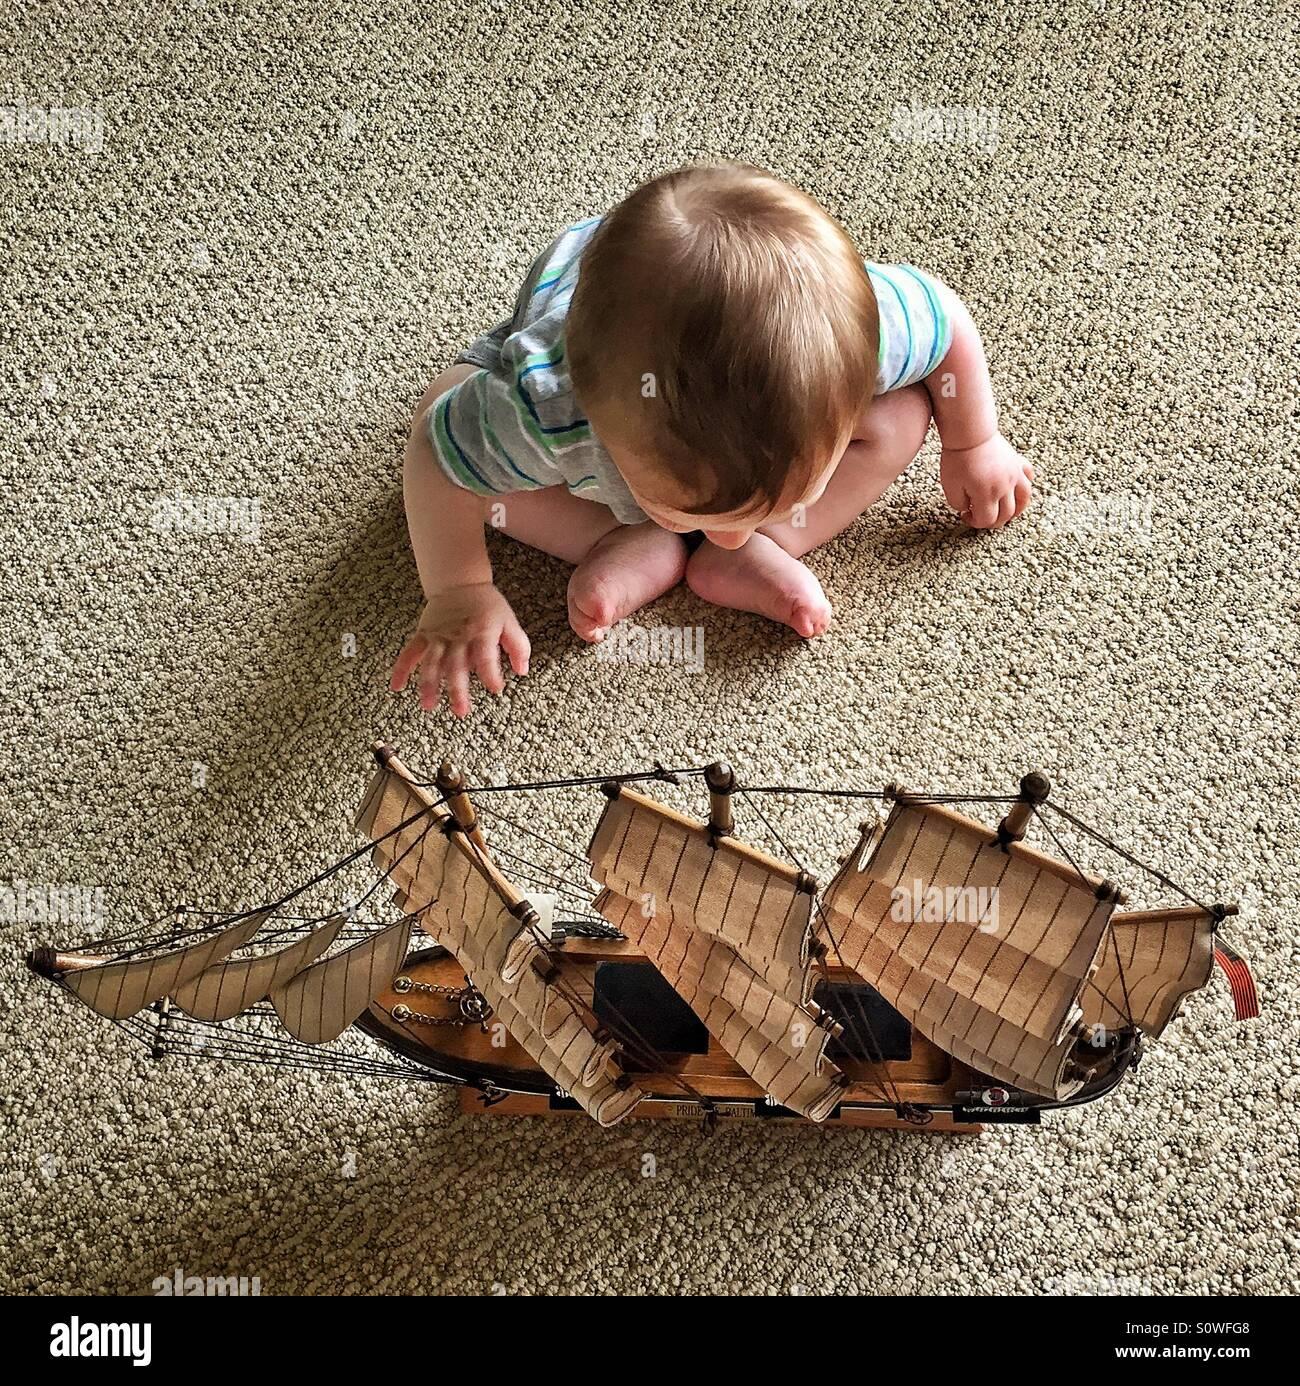 Baby raggiungendo per un modello di nave seduto sul pavimento Immagini Stock